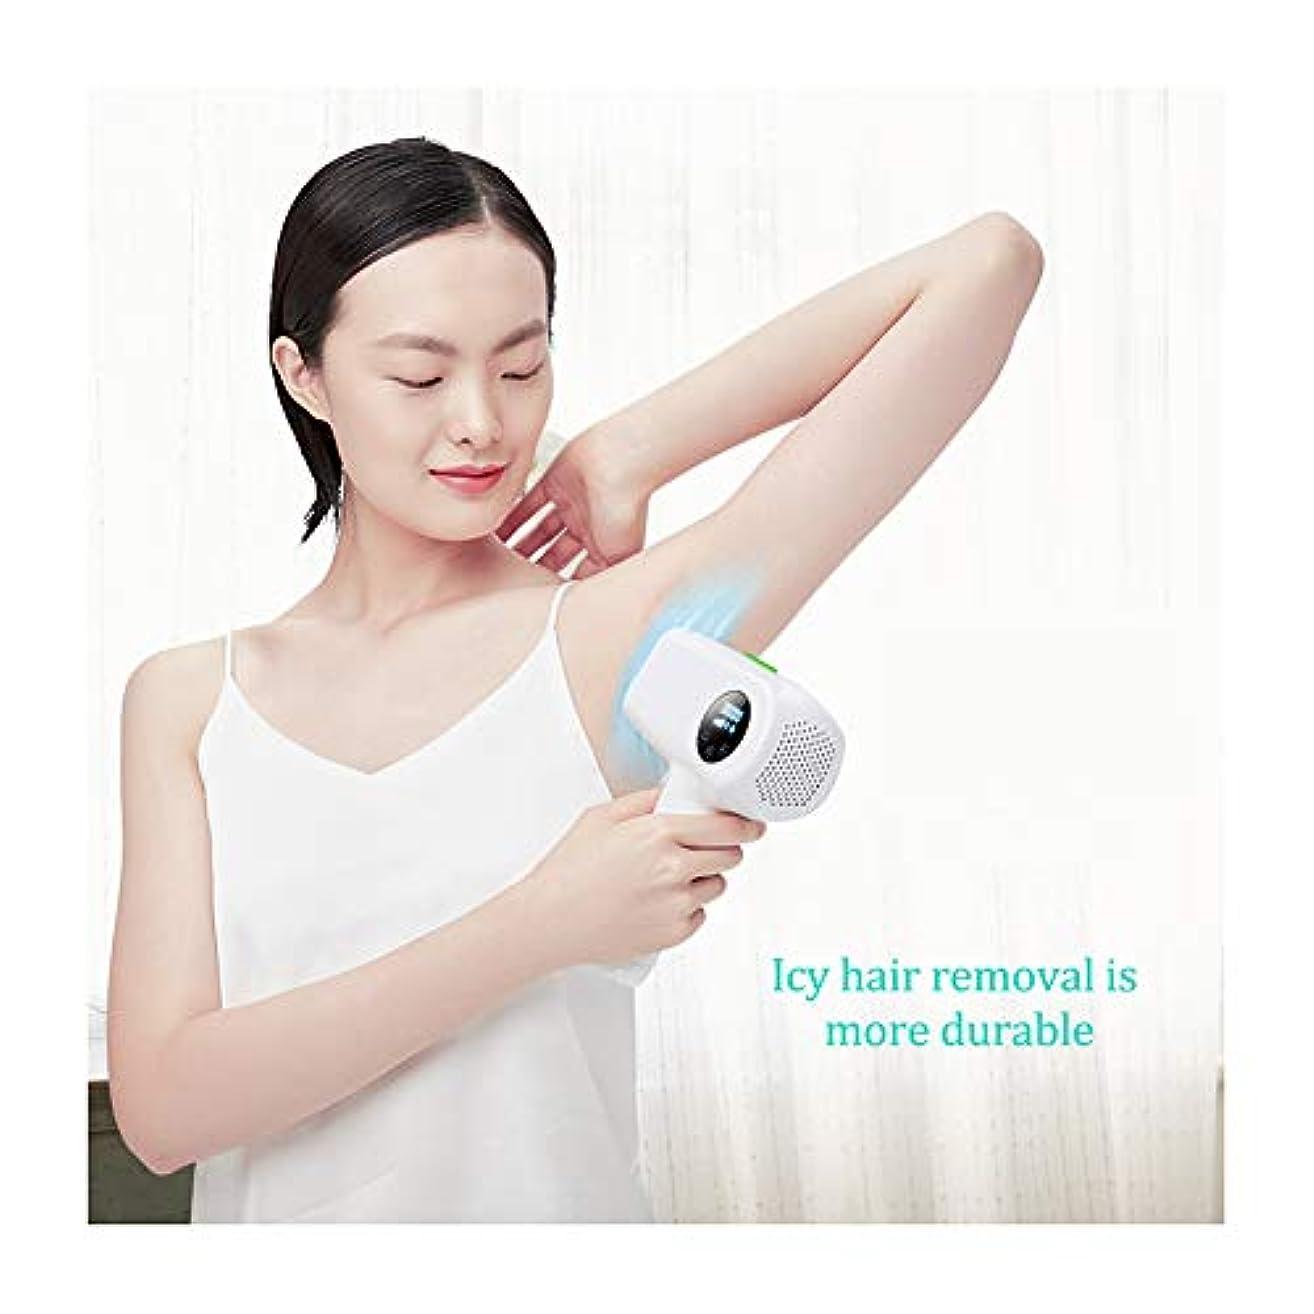 ナチュラ広い植物学者女性のためのIPLの毛の取り外し装置IPLの毛の除去剤、家の使用IPLレーザーの毛の取り外し、痛みのない永久的なレーザーの毛の取り外し機械、顔のボディビキニラインUnderarms- 300000のための改善IPLの毛の...